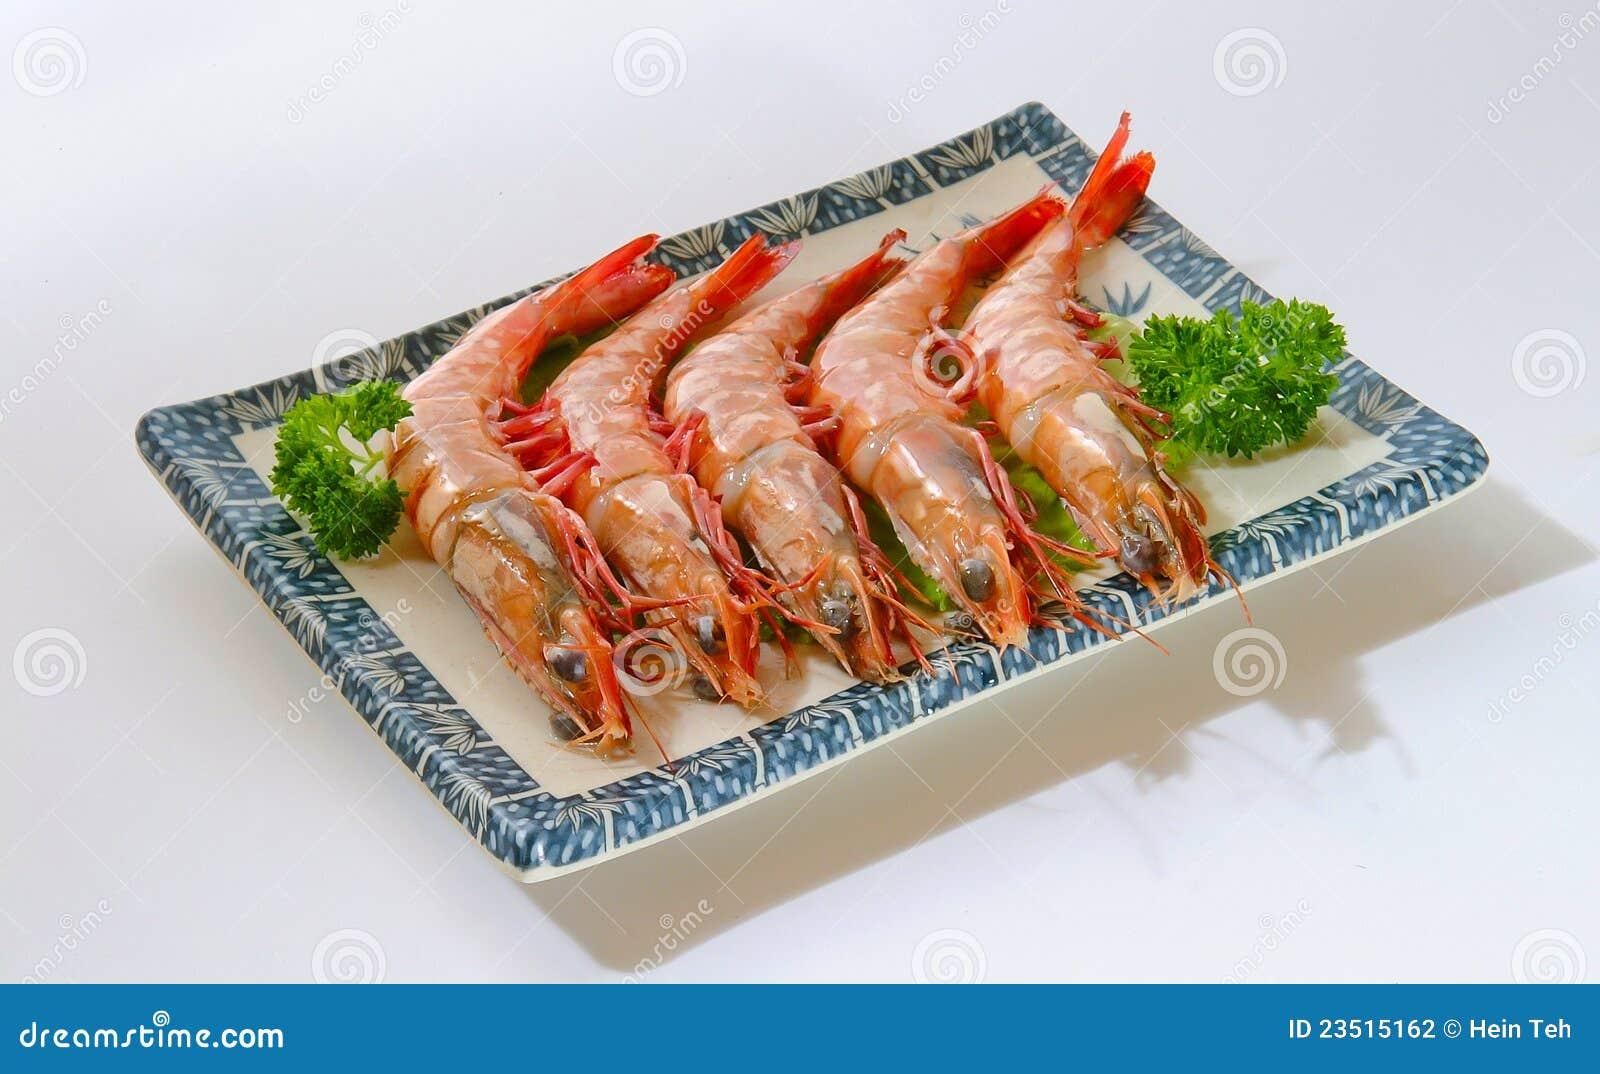 Shrimp Stock Photography - Image: 23515162